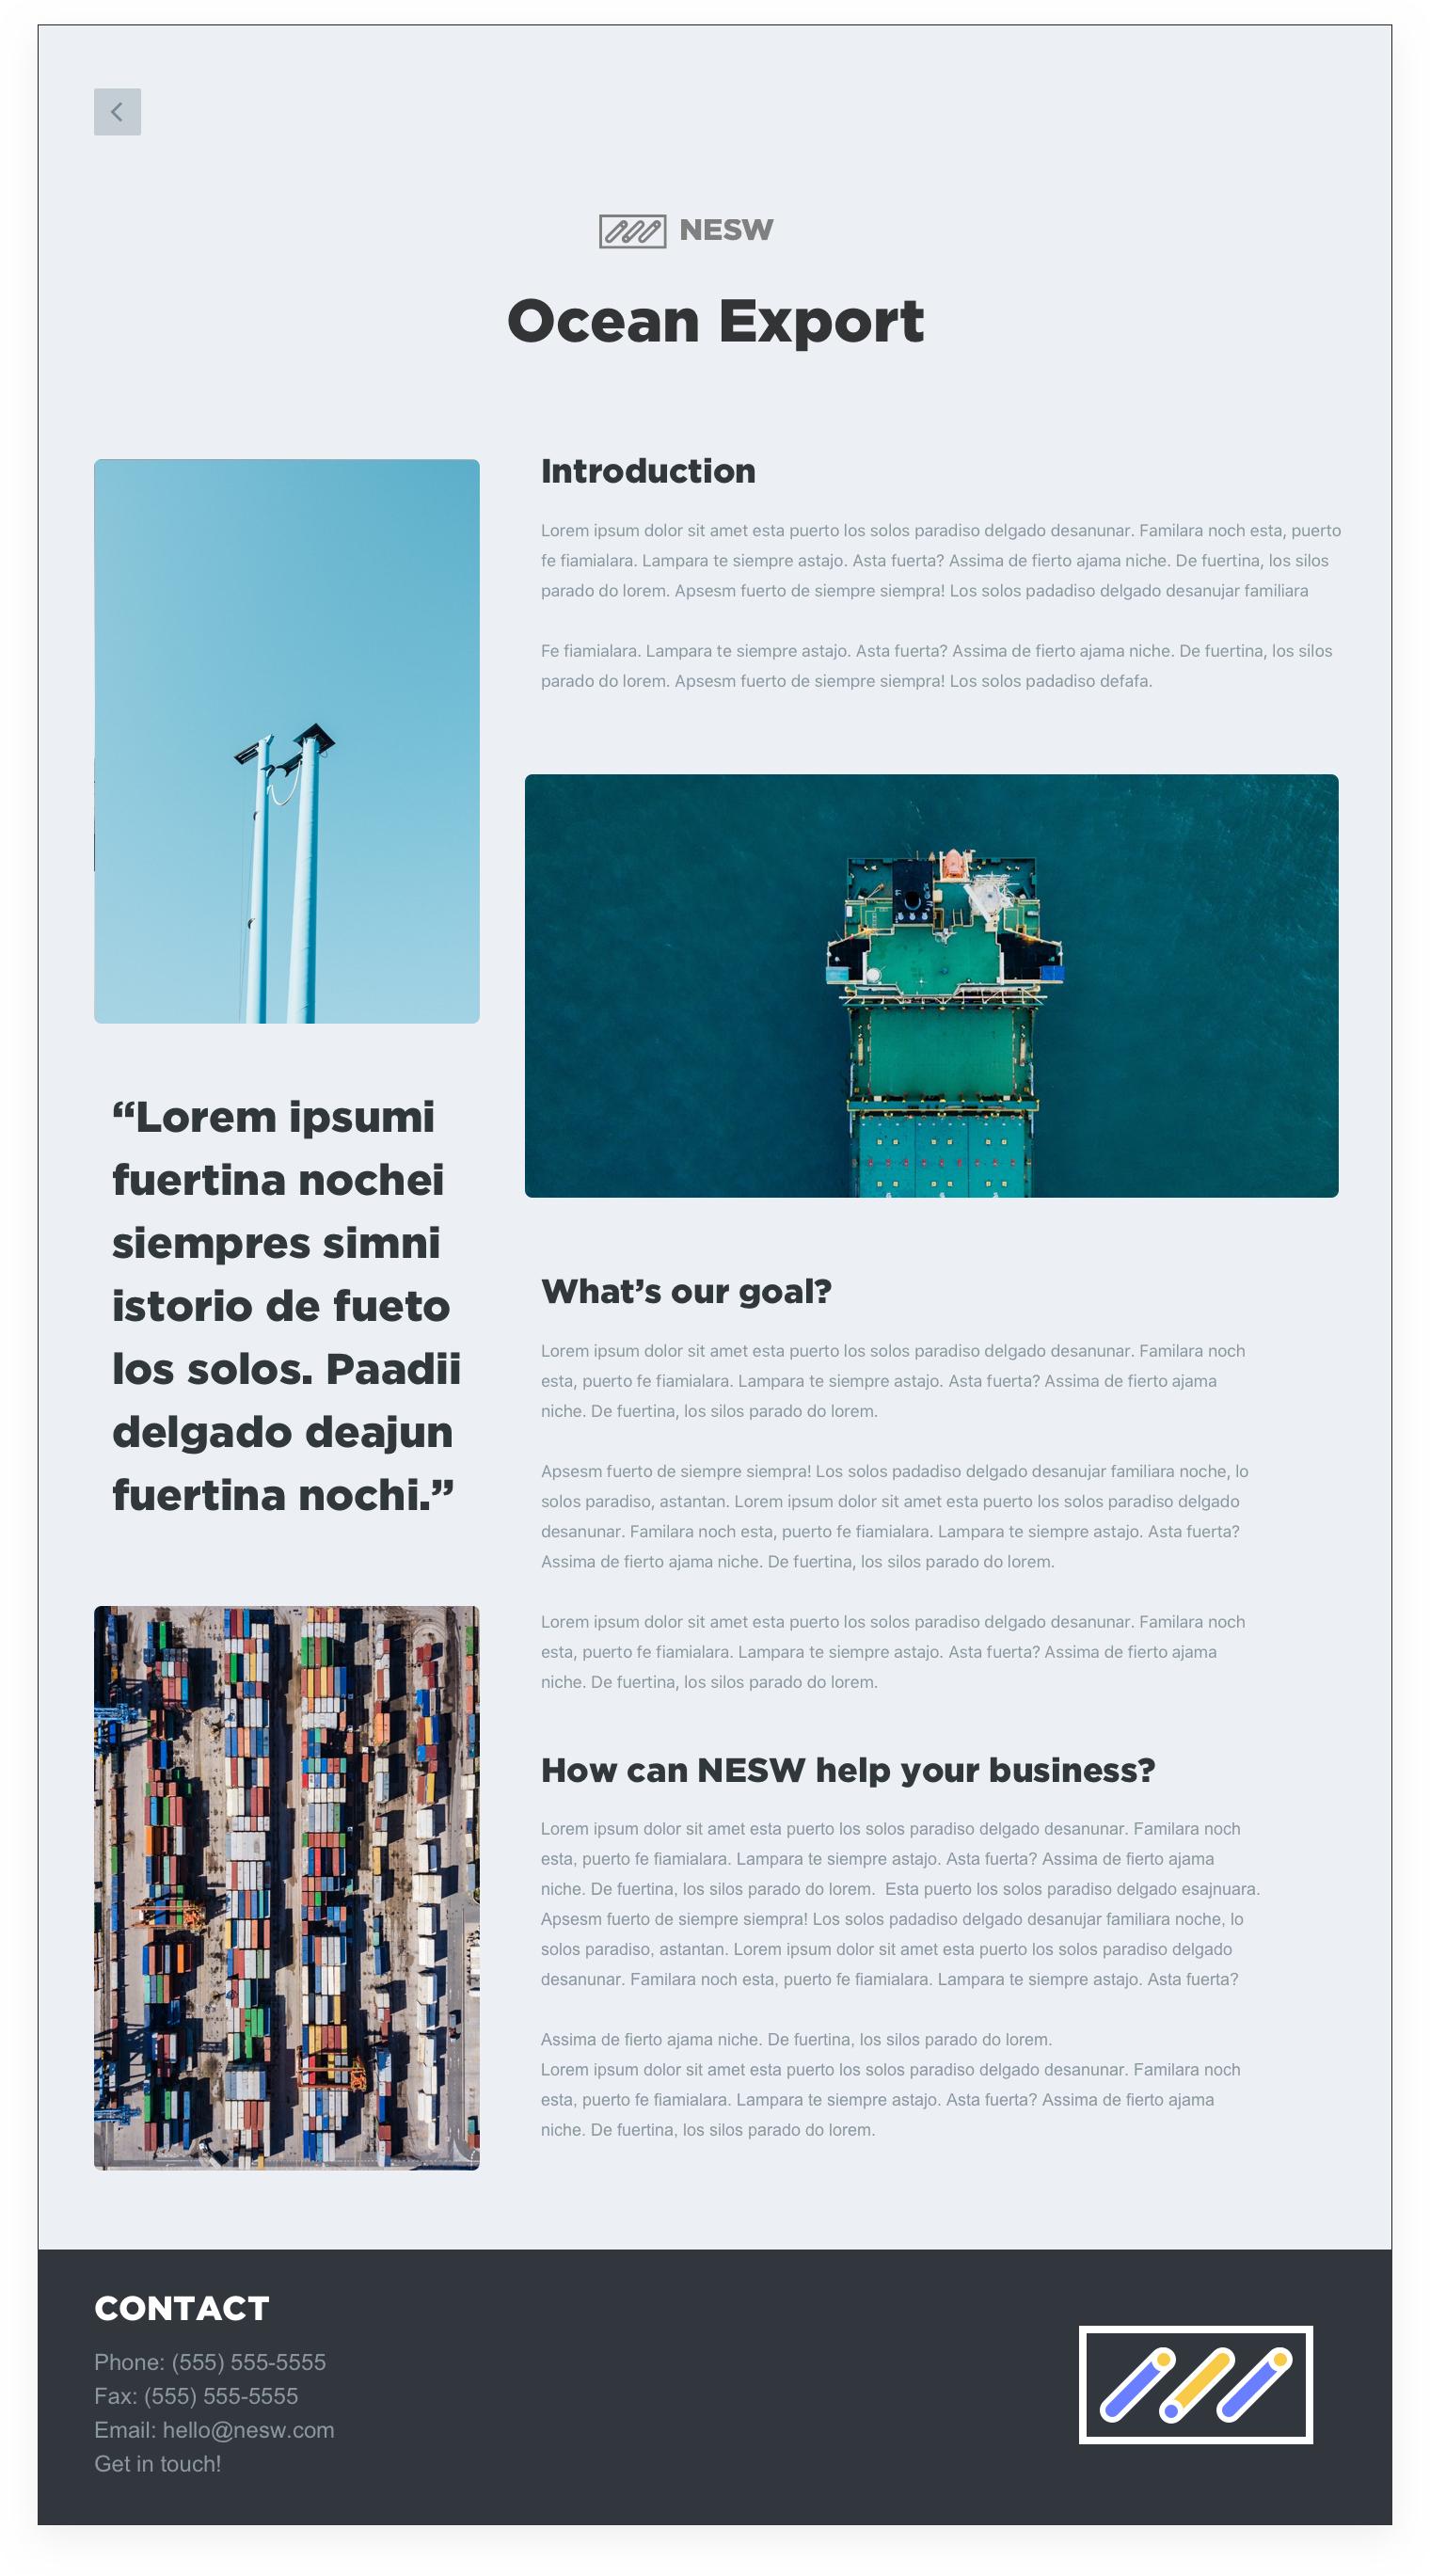 NESW Ocean Export.jpg